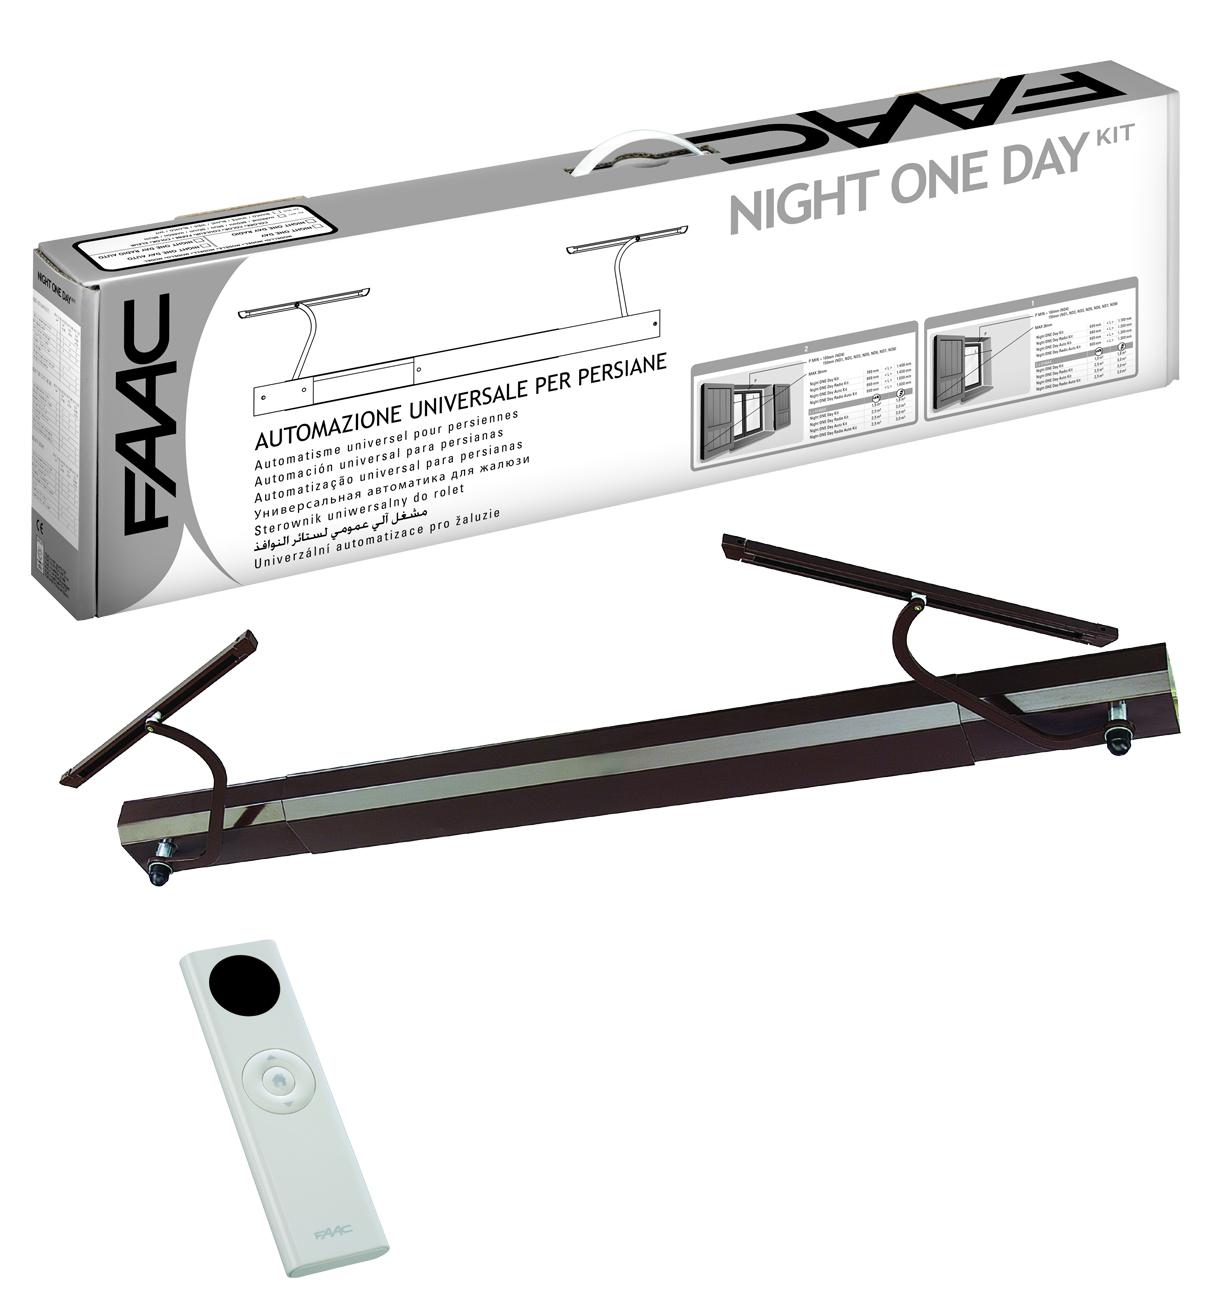 faac kit motorisation volets battants night one day se. Black Bedroom Furniture Sets. Home Design Ideas